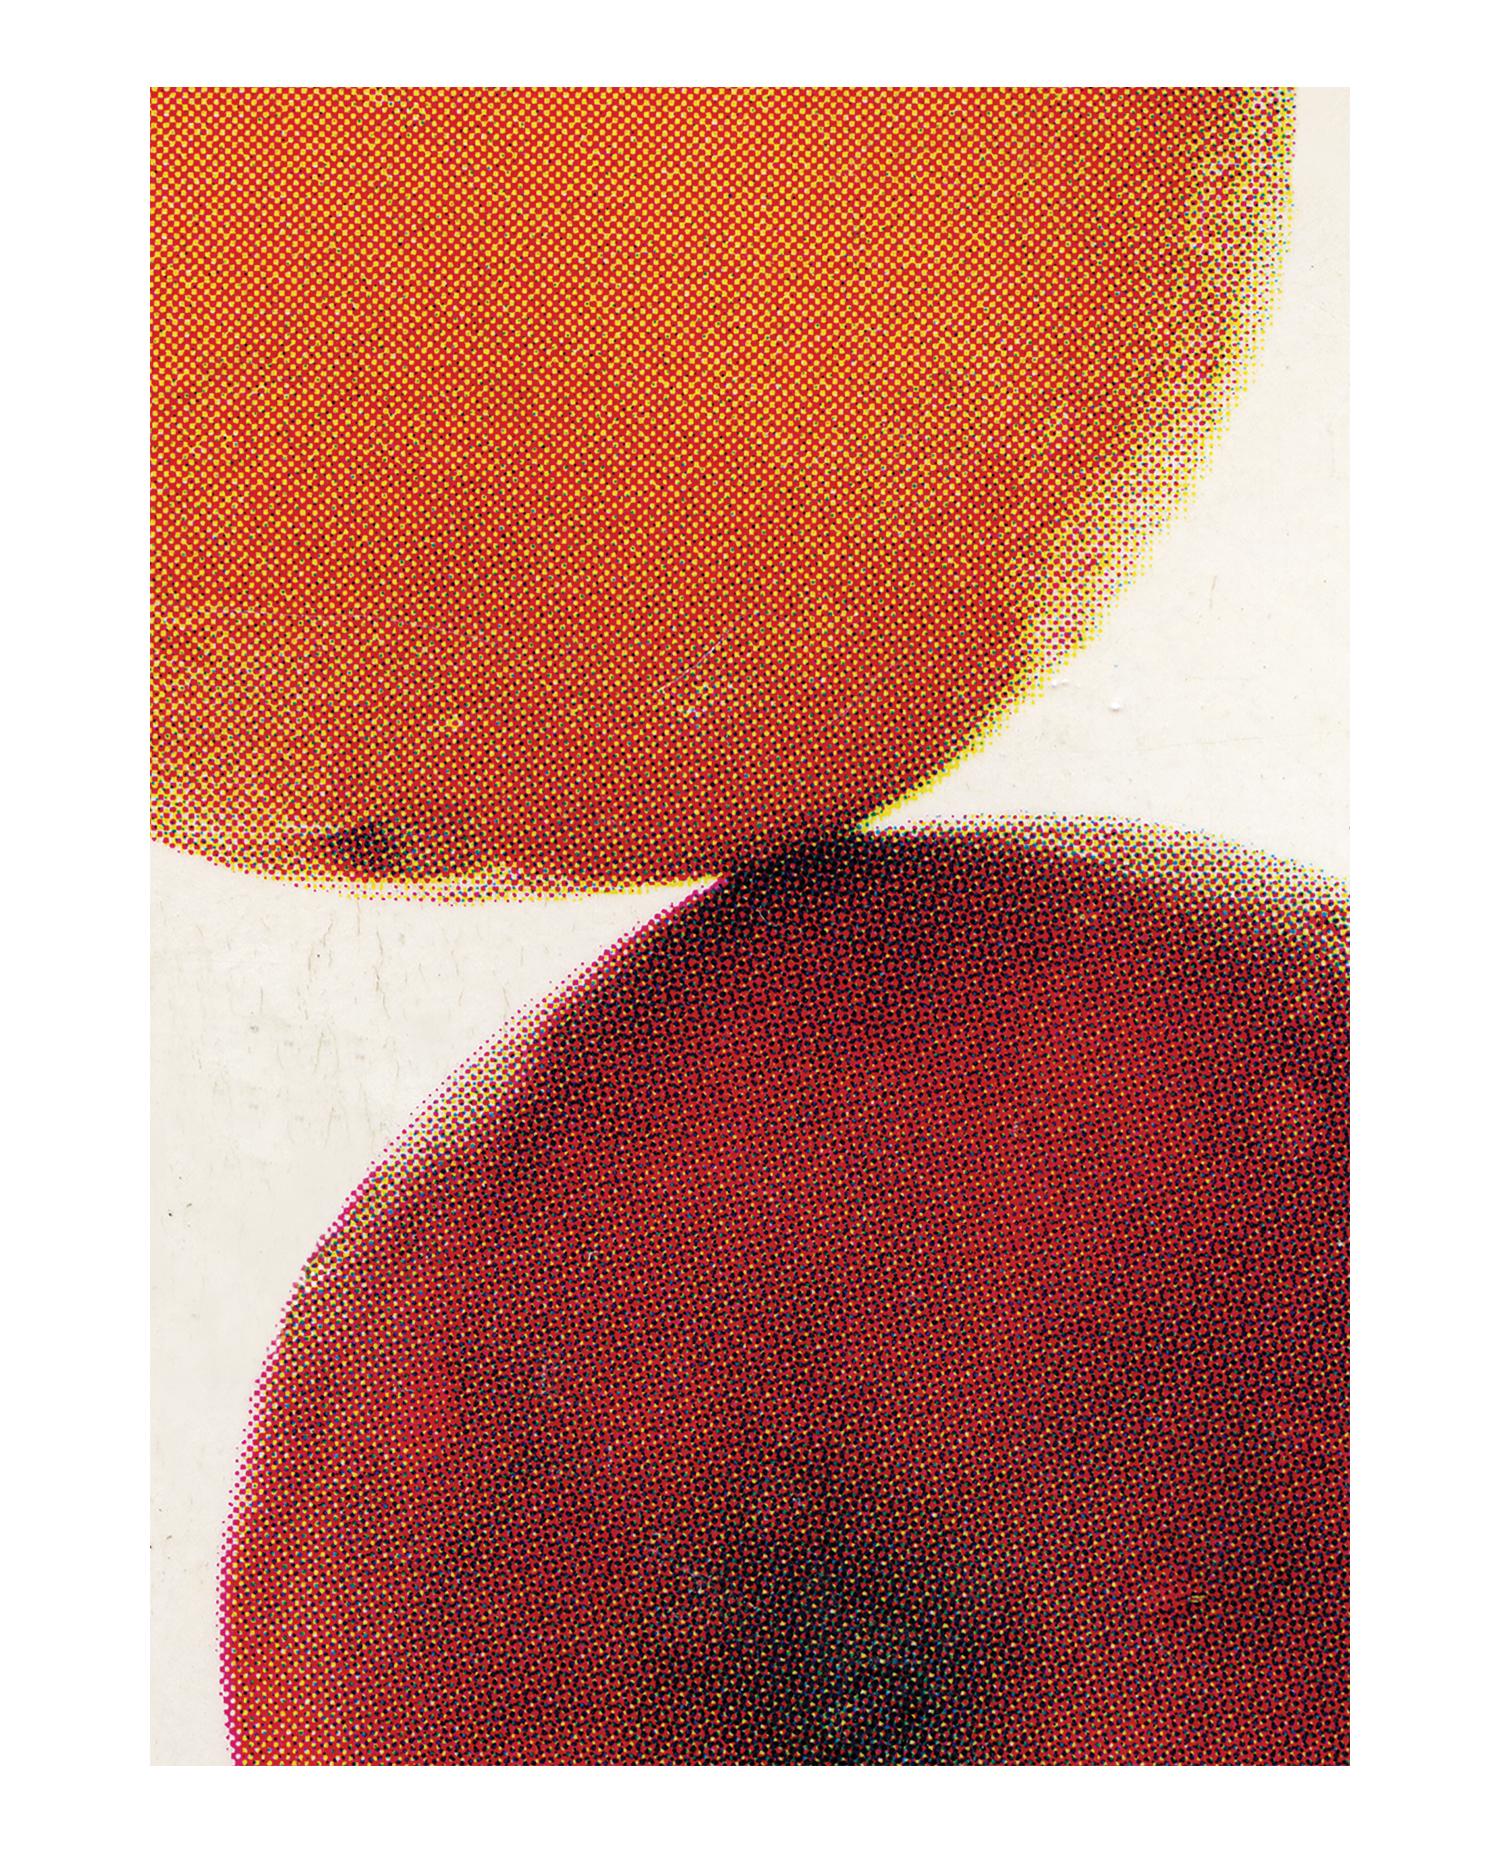 instinctive_nutrition_cmyk_poster_aysia_stieb_apples_oranges_2016.jpg